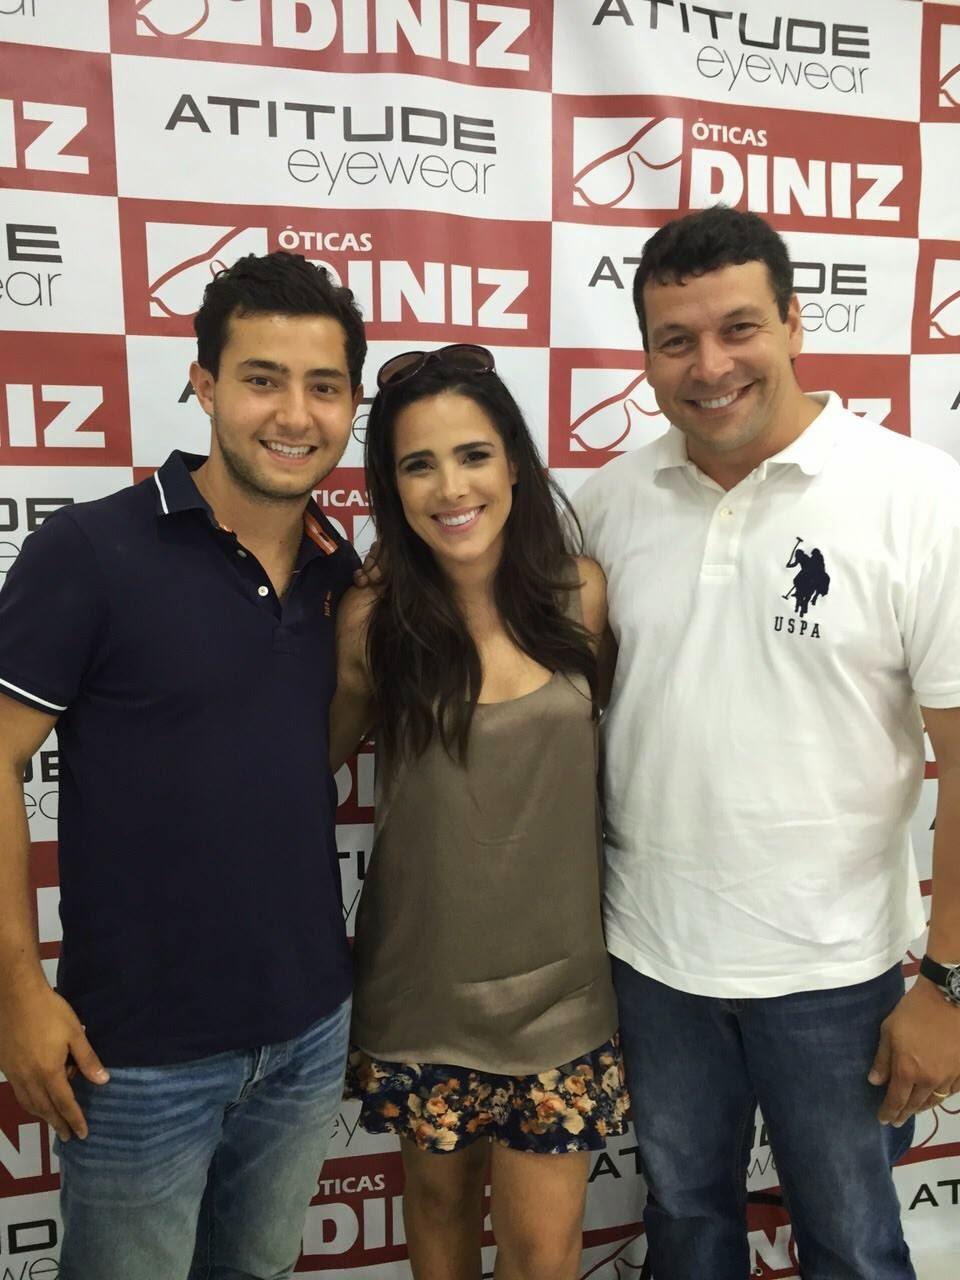 Cantora Wanessa Camargo esteve em Tatuí na inauguração das Óticas Diniz fd57c8ddc4